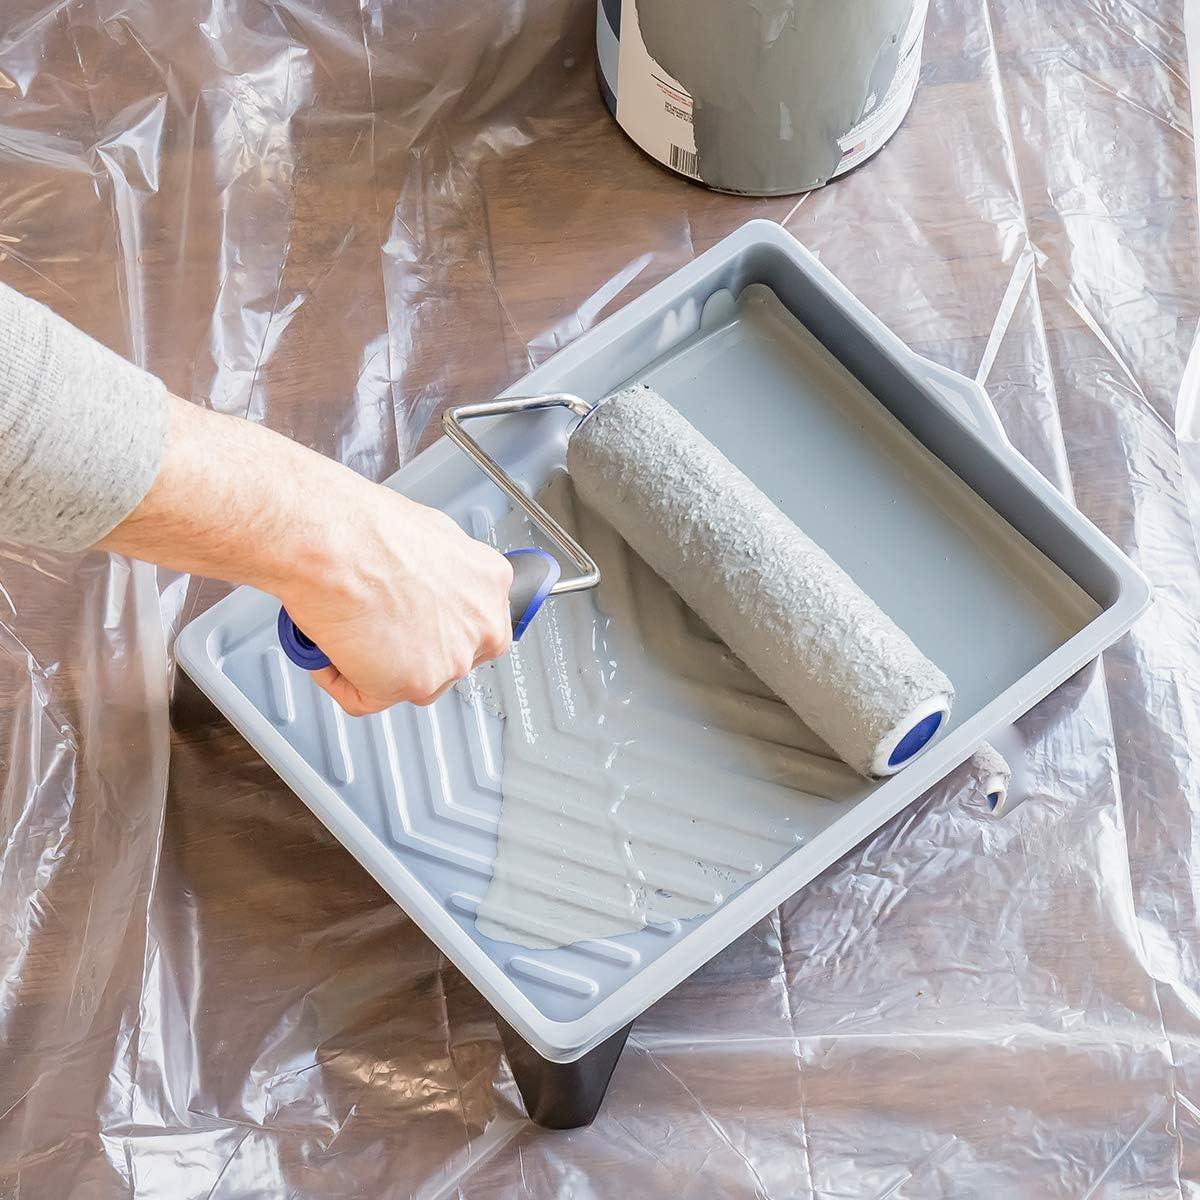 6 Pi/èces de Remplacement pour Manche /à Rouleau de Peinture Patte de Lapin Precision Defined Recharge de 6 Rouleaux de Peinture de 23 cm